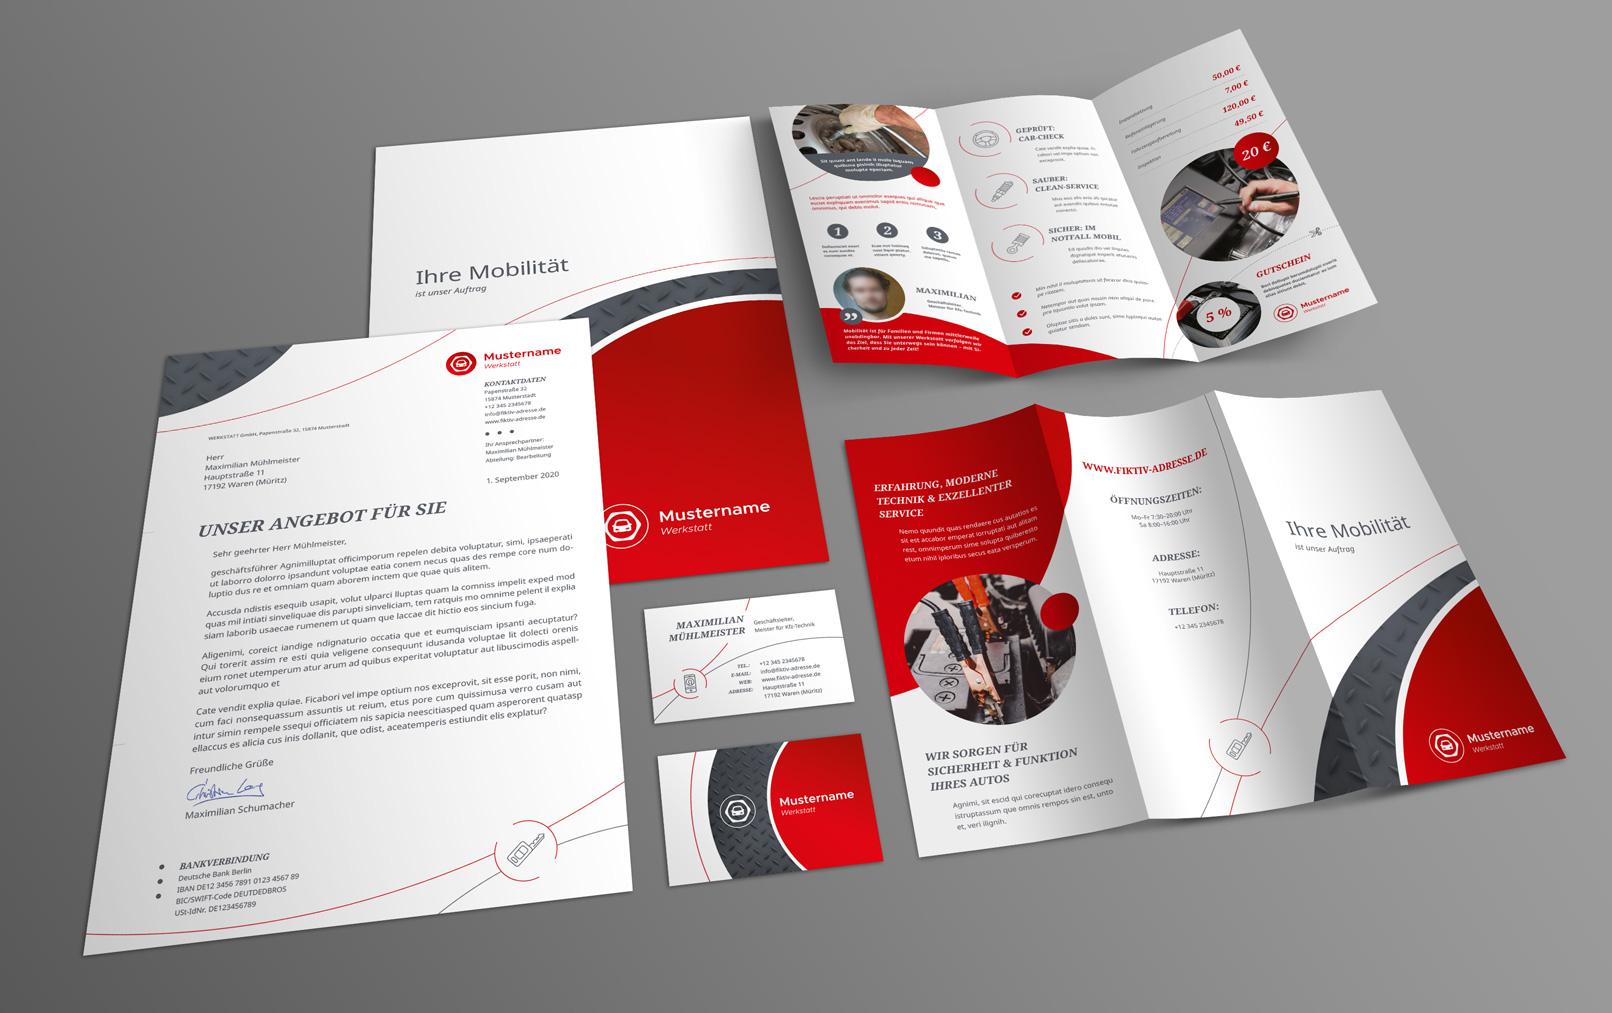 Neben einem PowerPoint Layout sind diese Vorlagen für gedruckte Kommunikationsmittel enthalten.